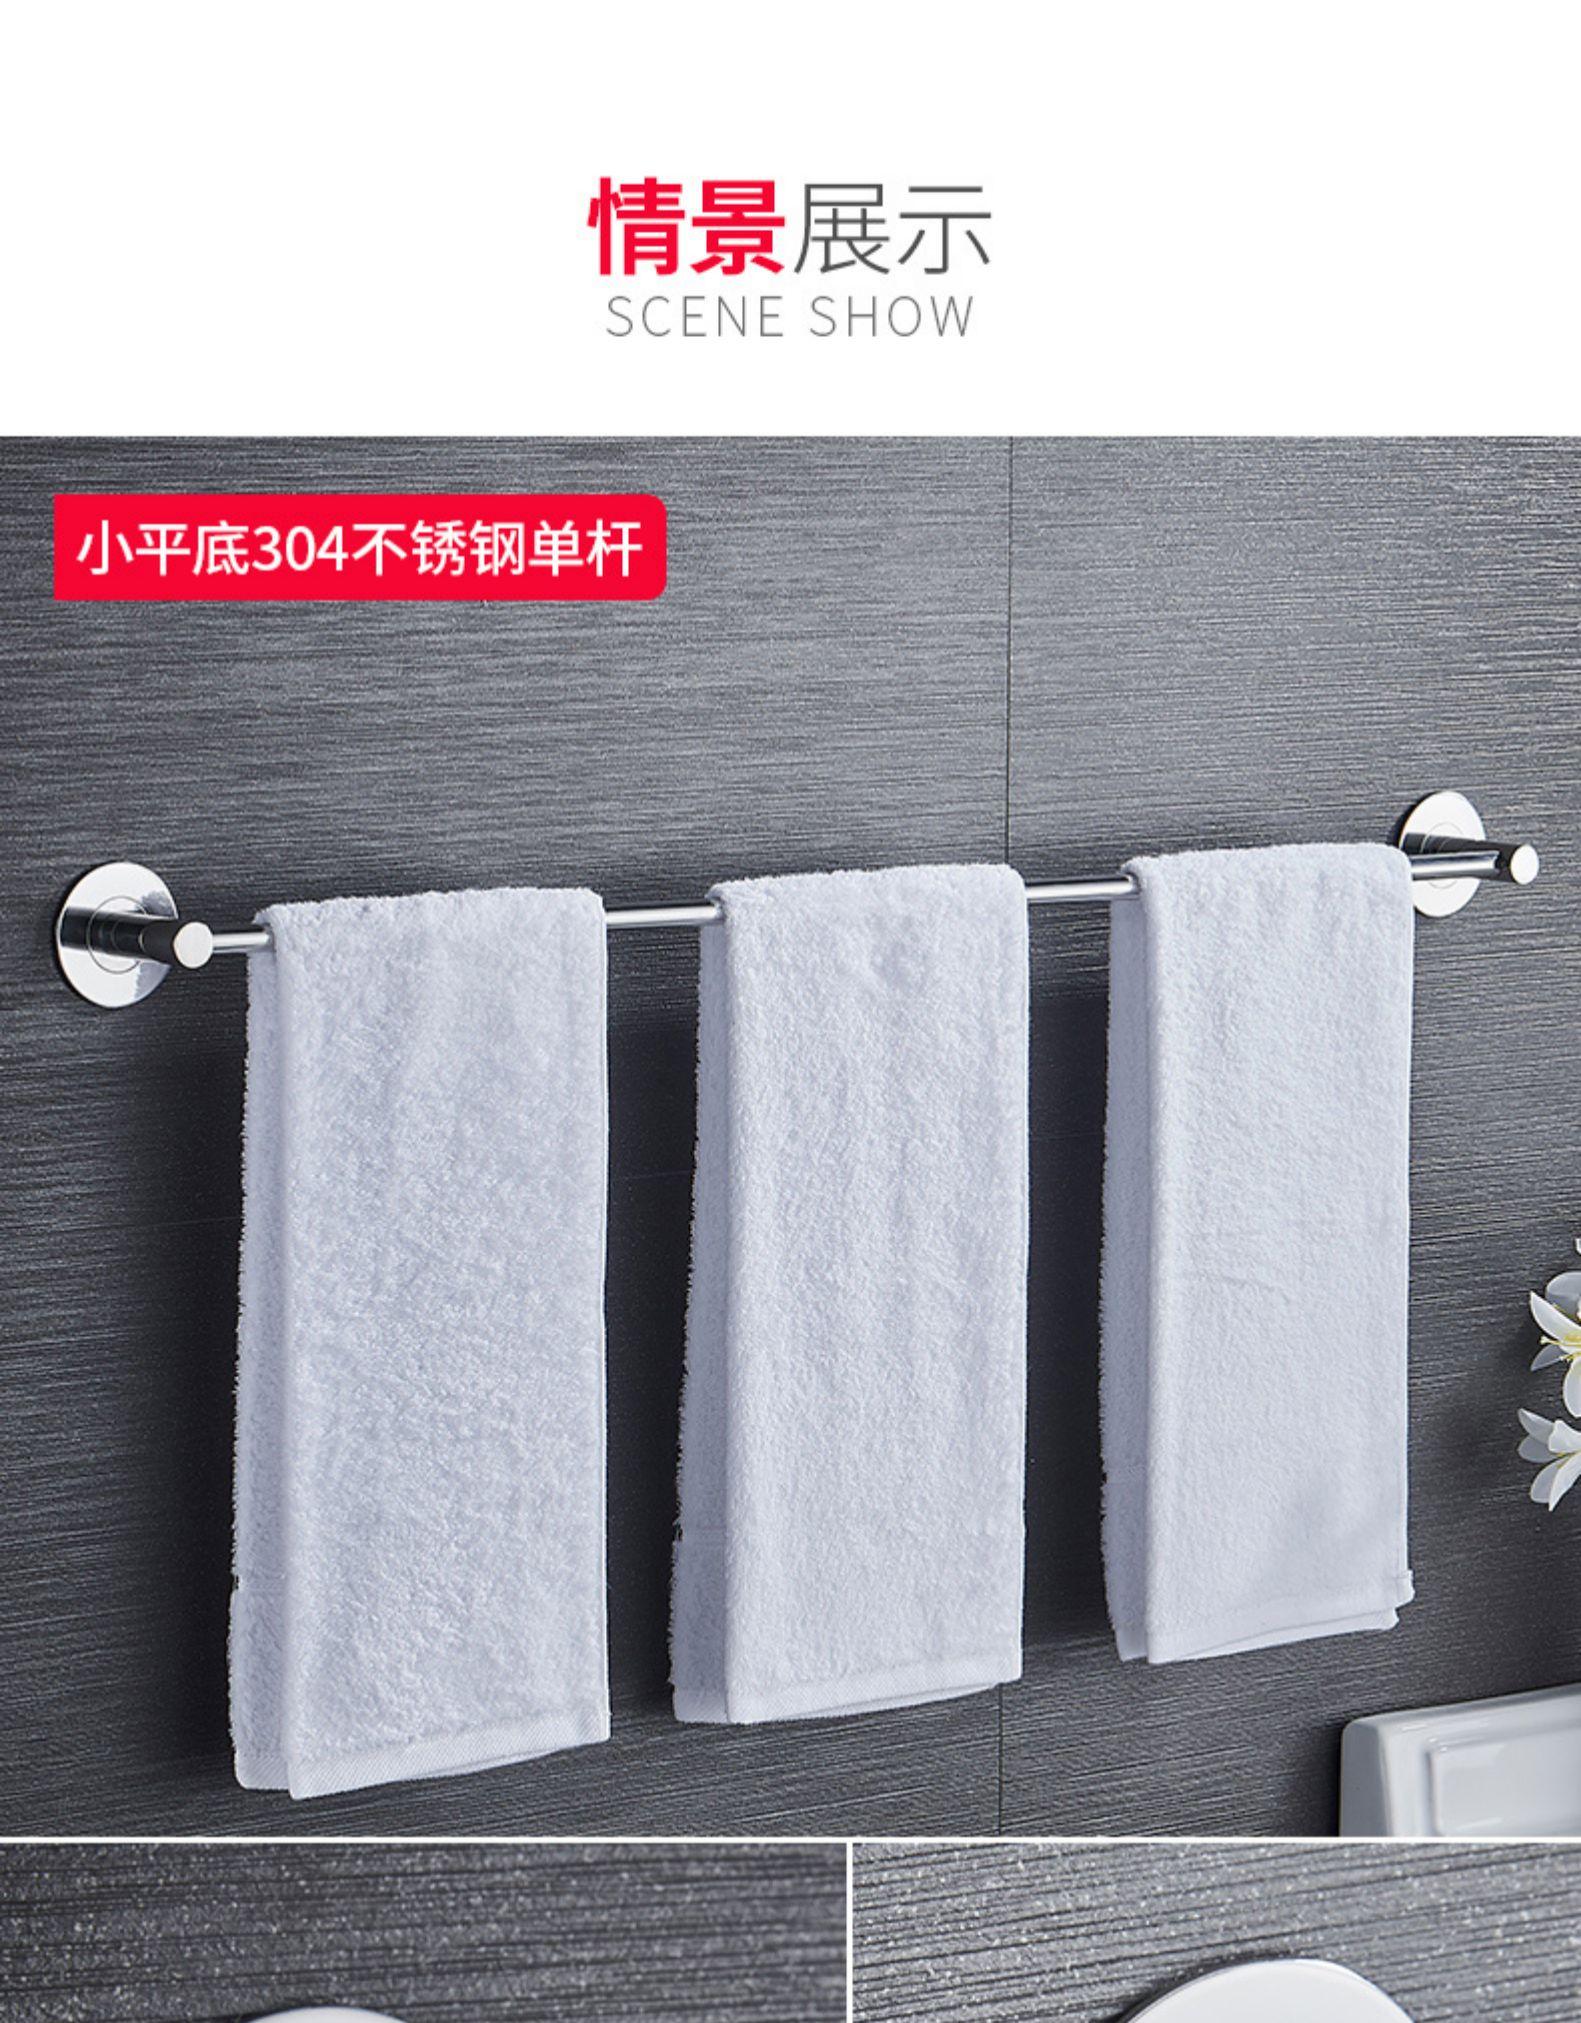 免打孔毛巾架挂桿不锈钢毛巾桿单杆加长化妆室厕所浴室置物架详细照片